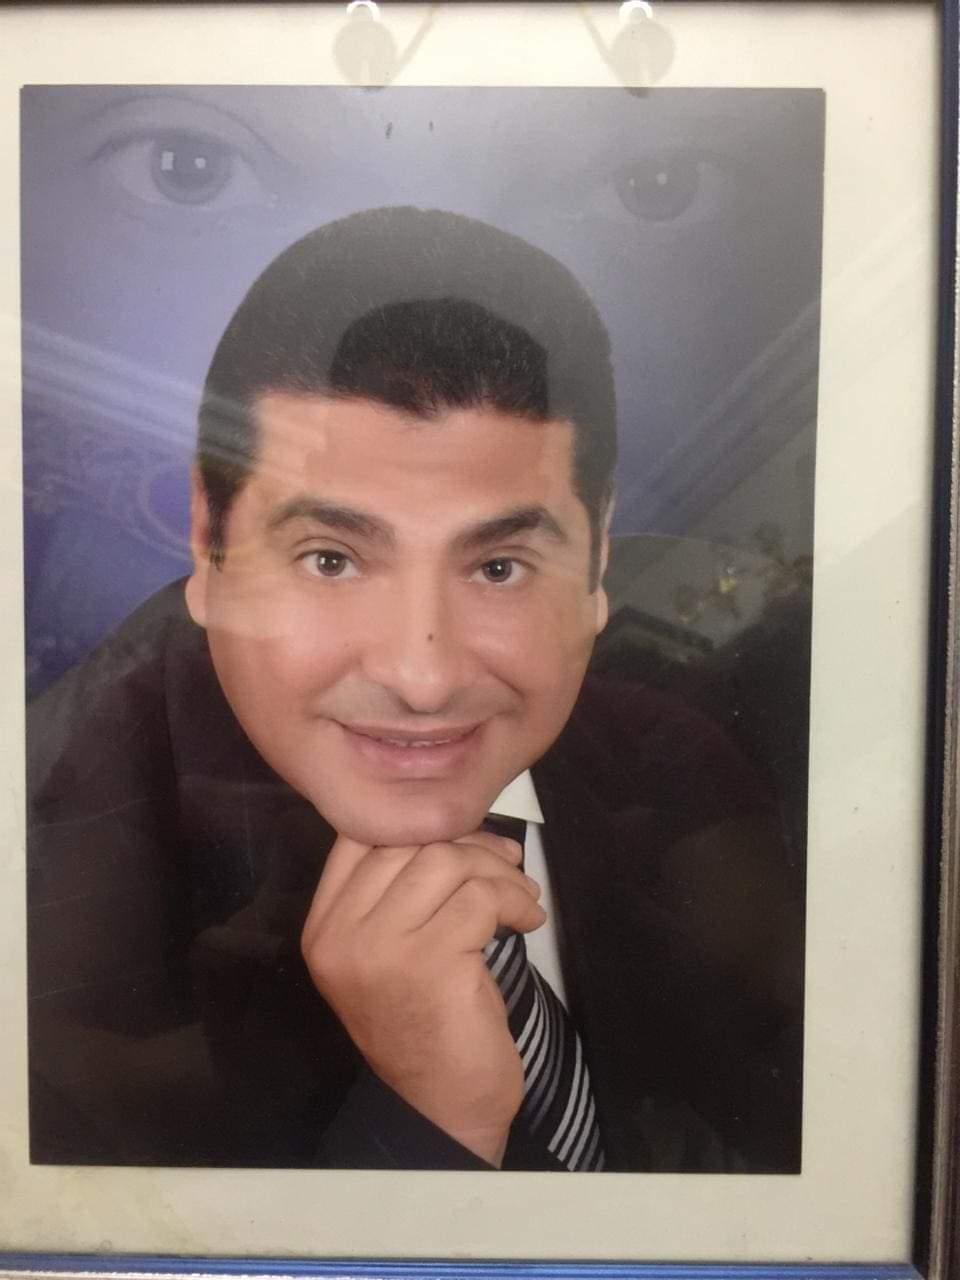 المستشار عادل رفاعي يكتب الجائزة الملعونة